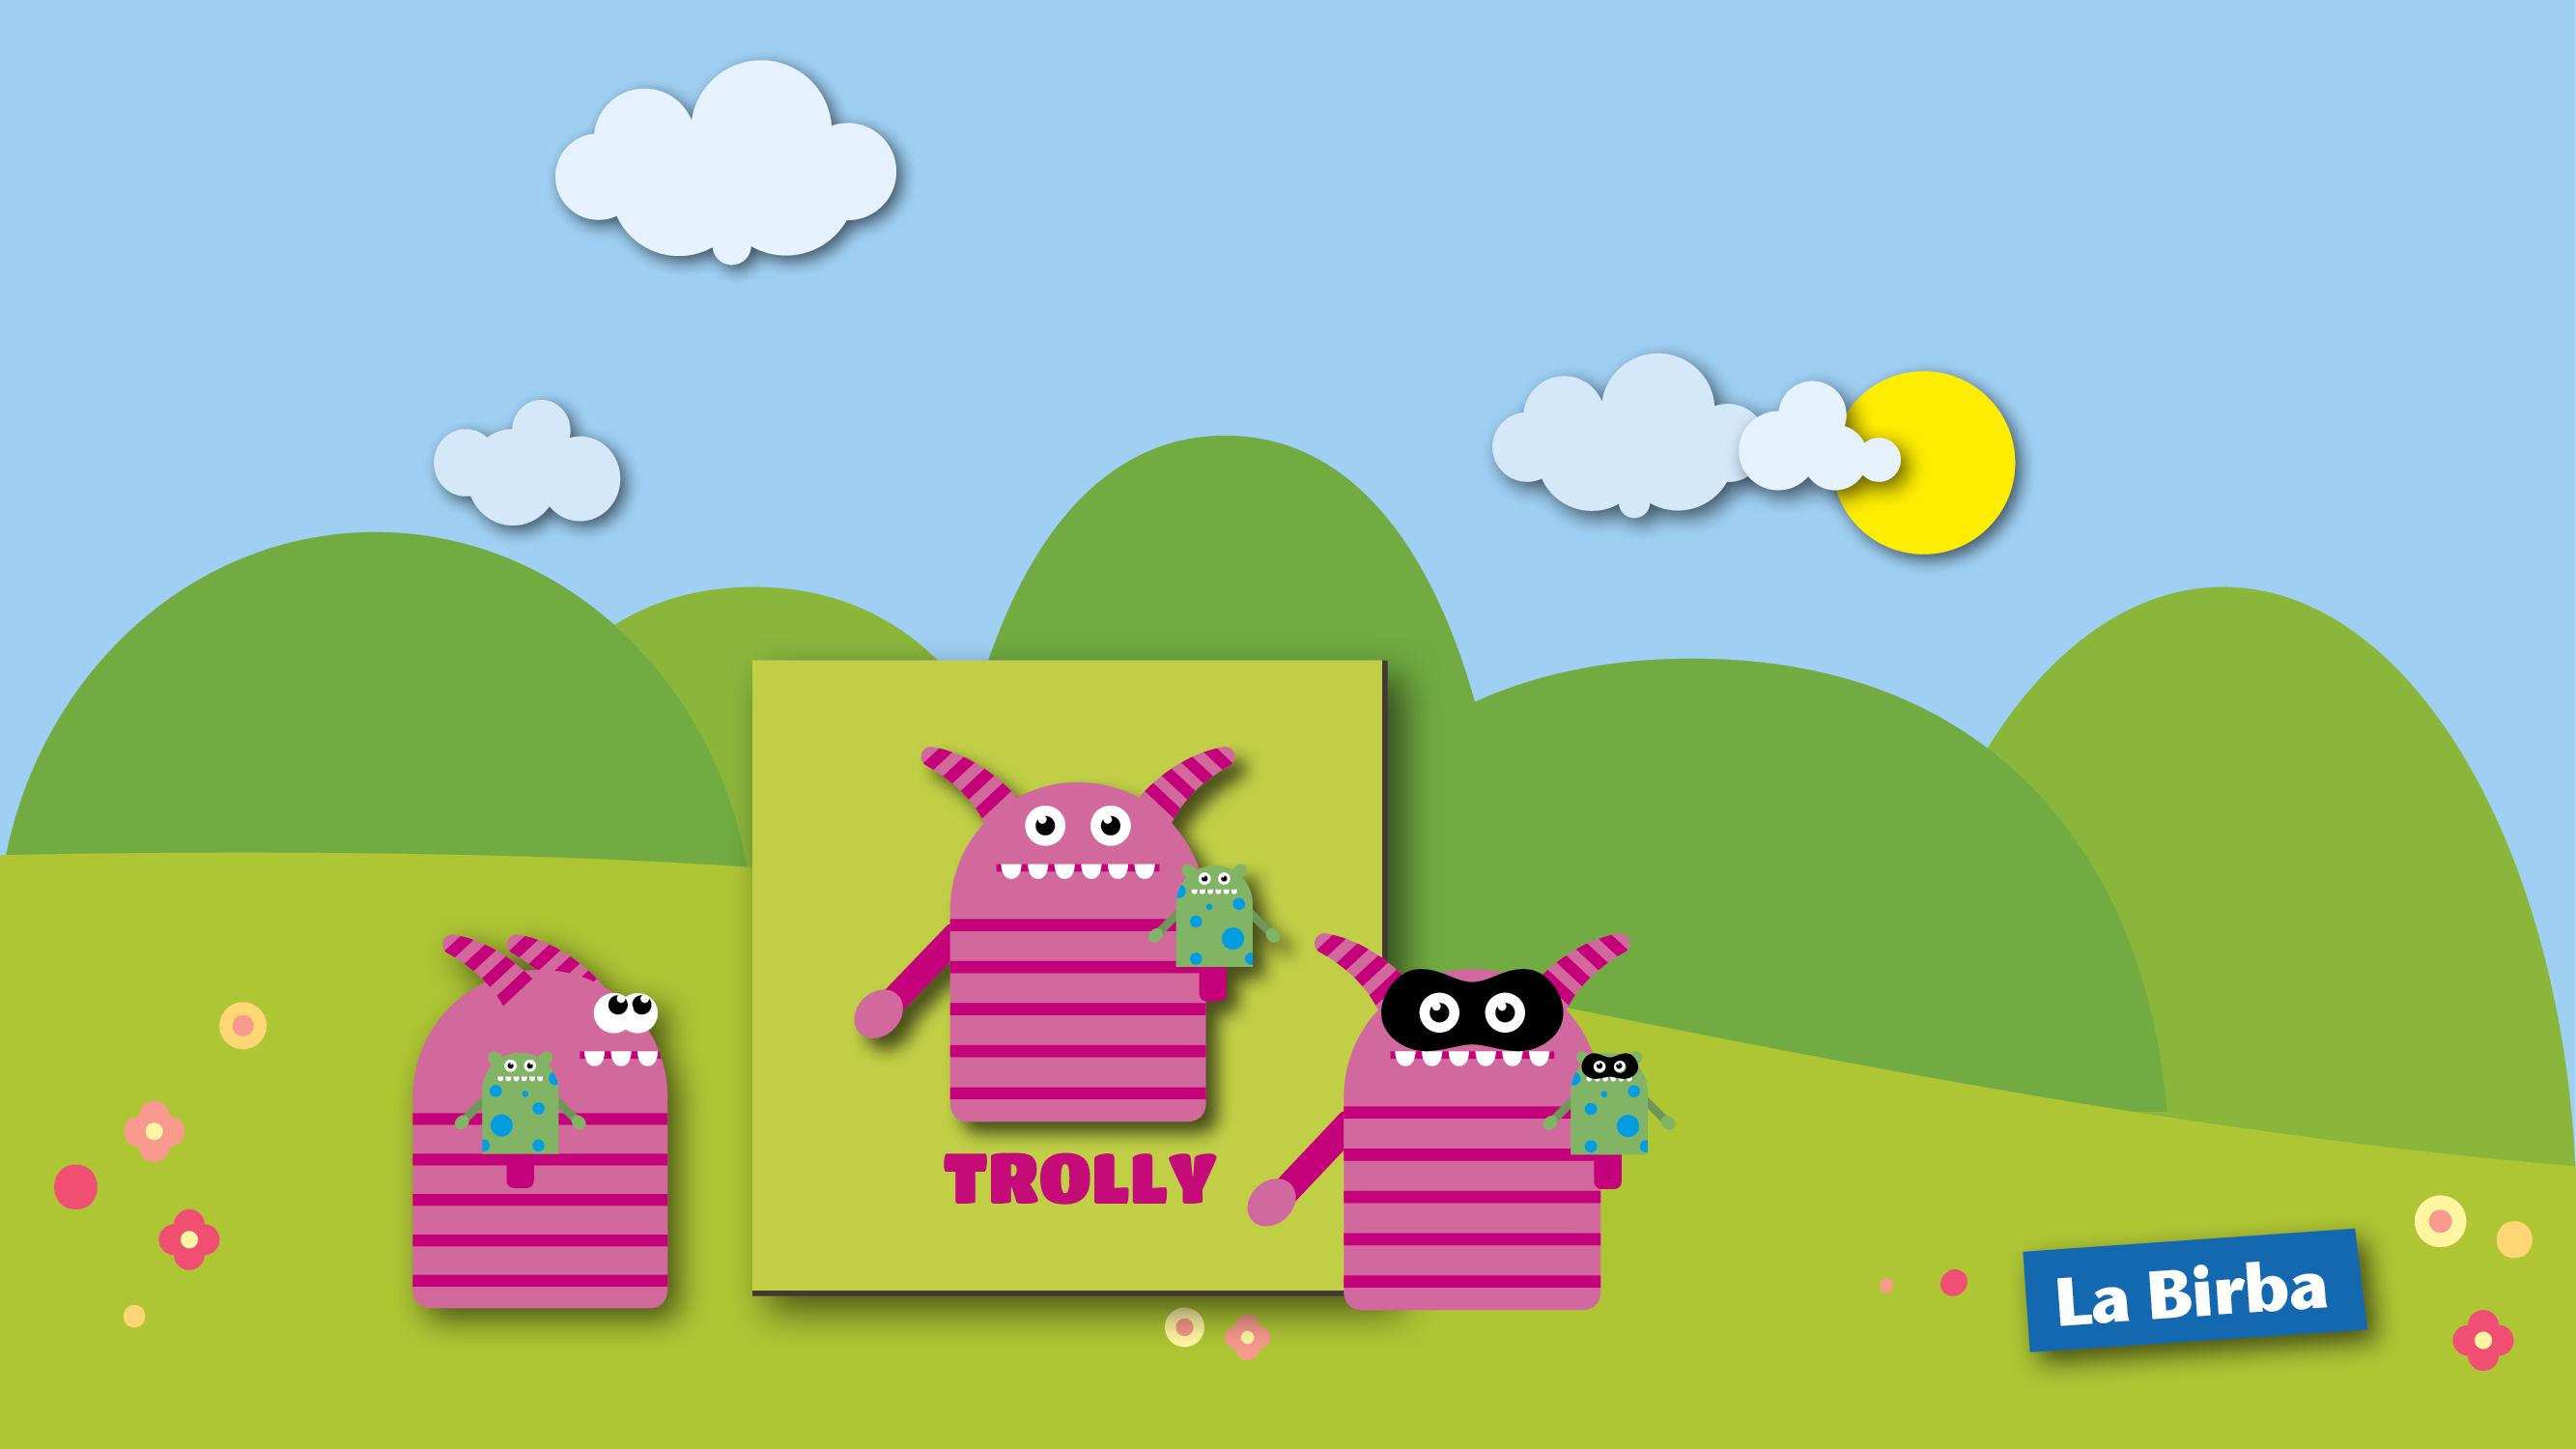 Trolly dal 16 al 31 maggio